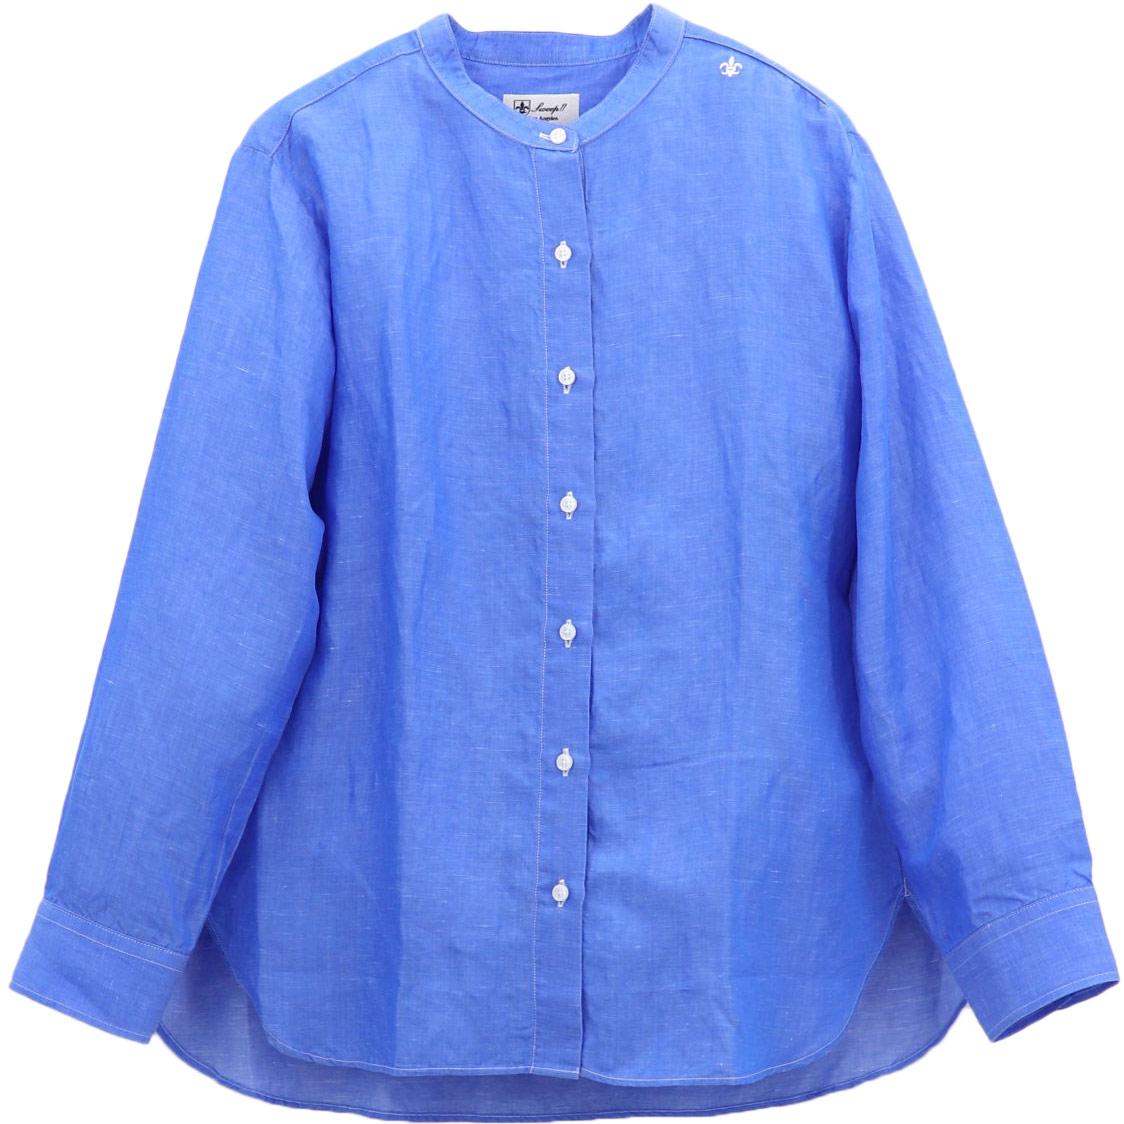 リネン混 スタンドカラーシャツ SL030001 BLUE (ブルー)